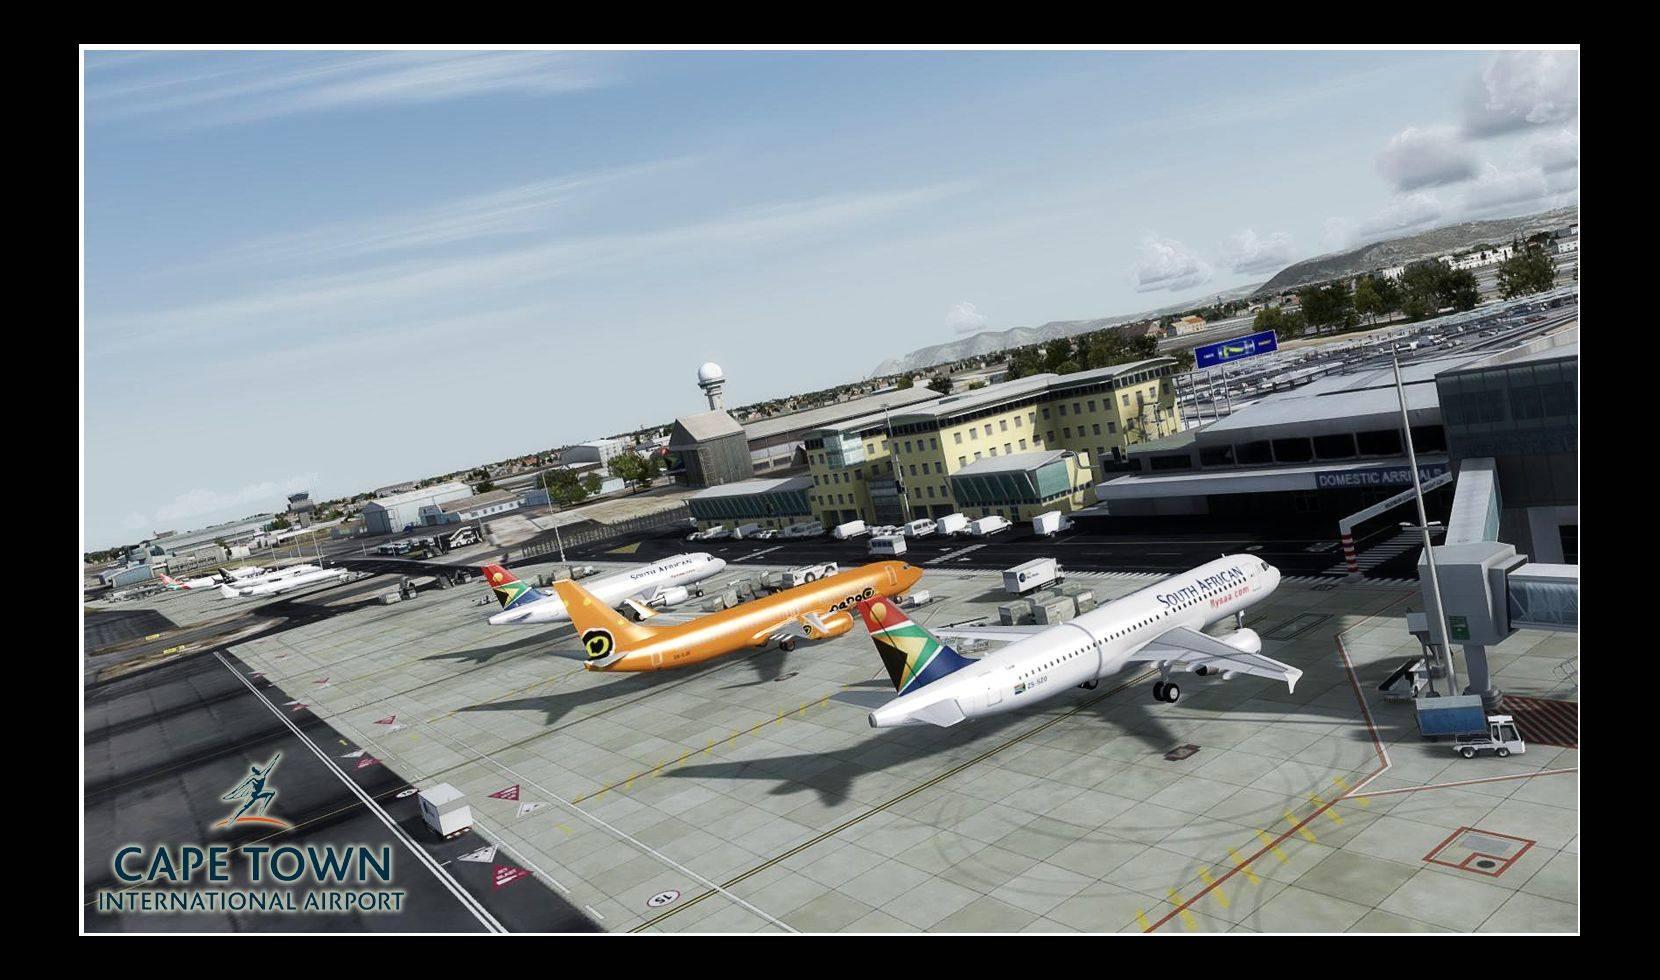 Just Flight - FSDG - Cape Town